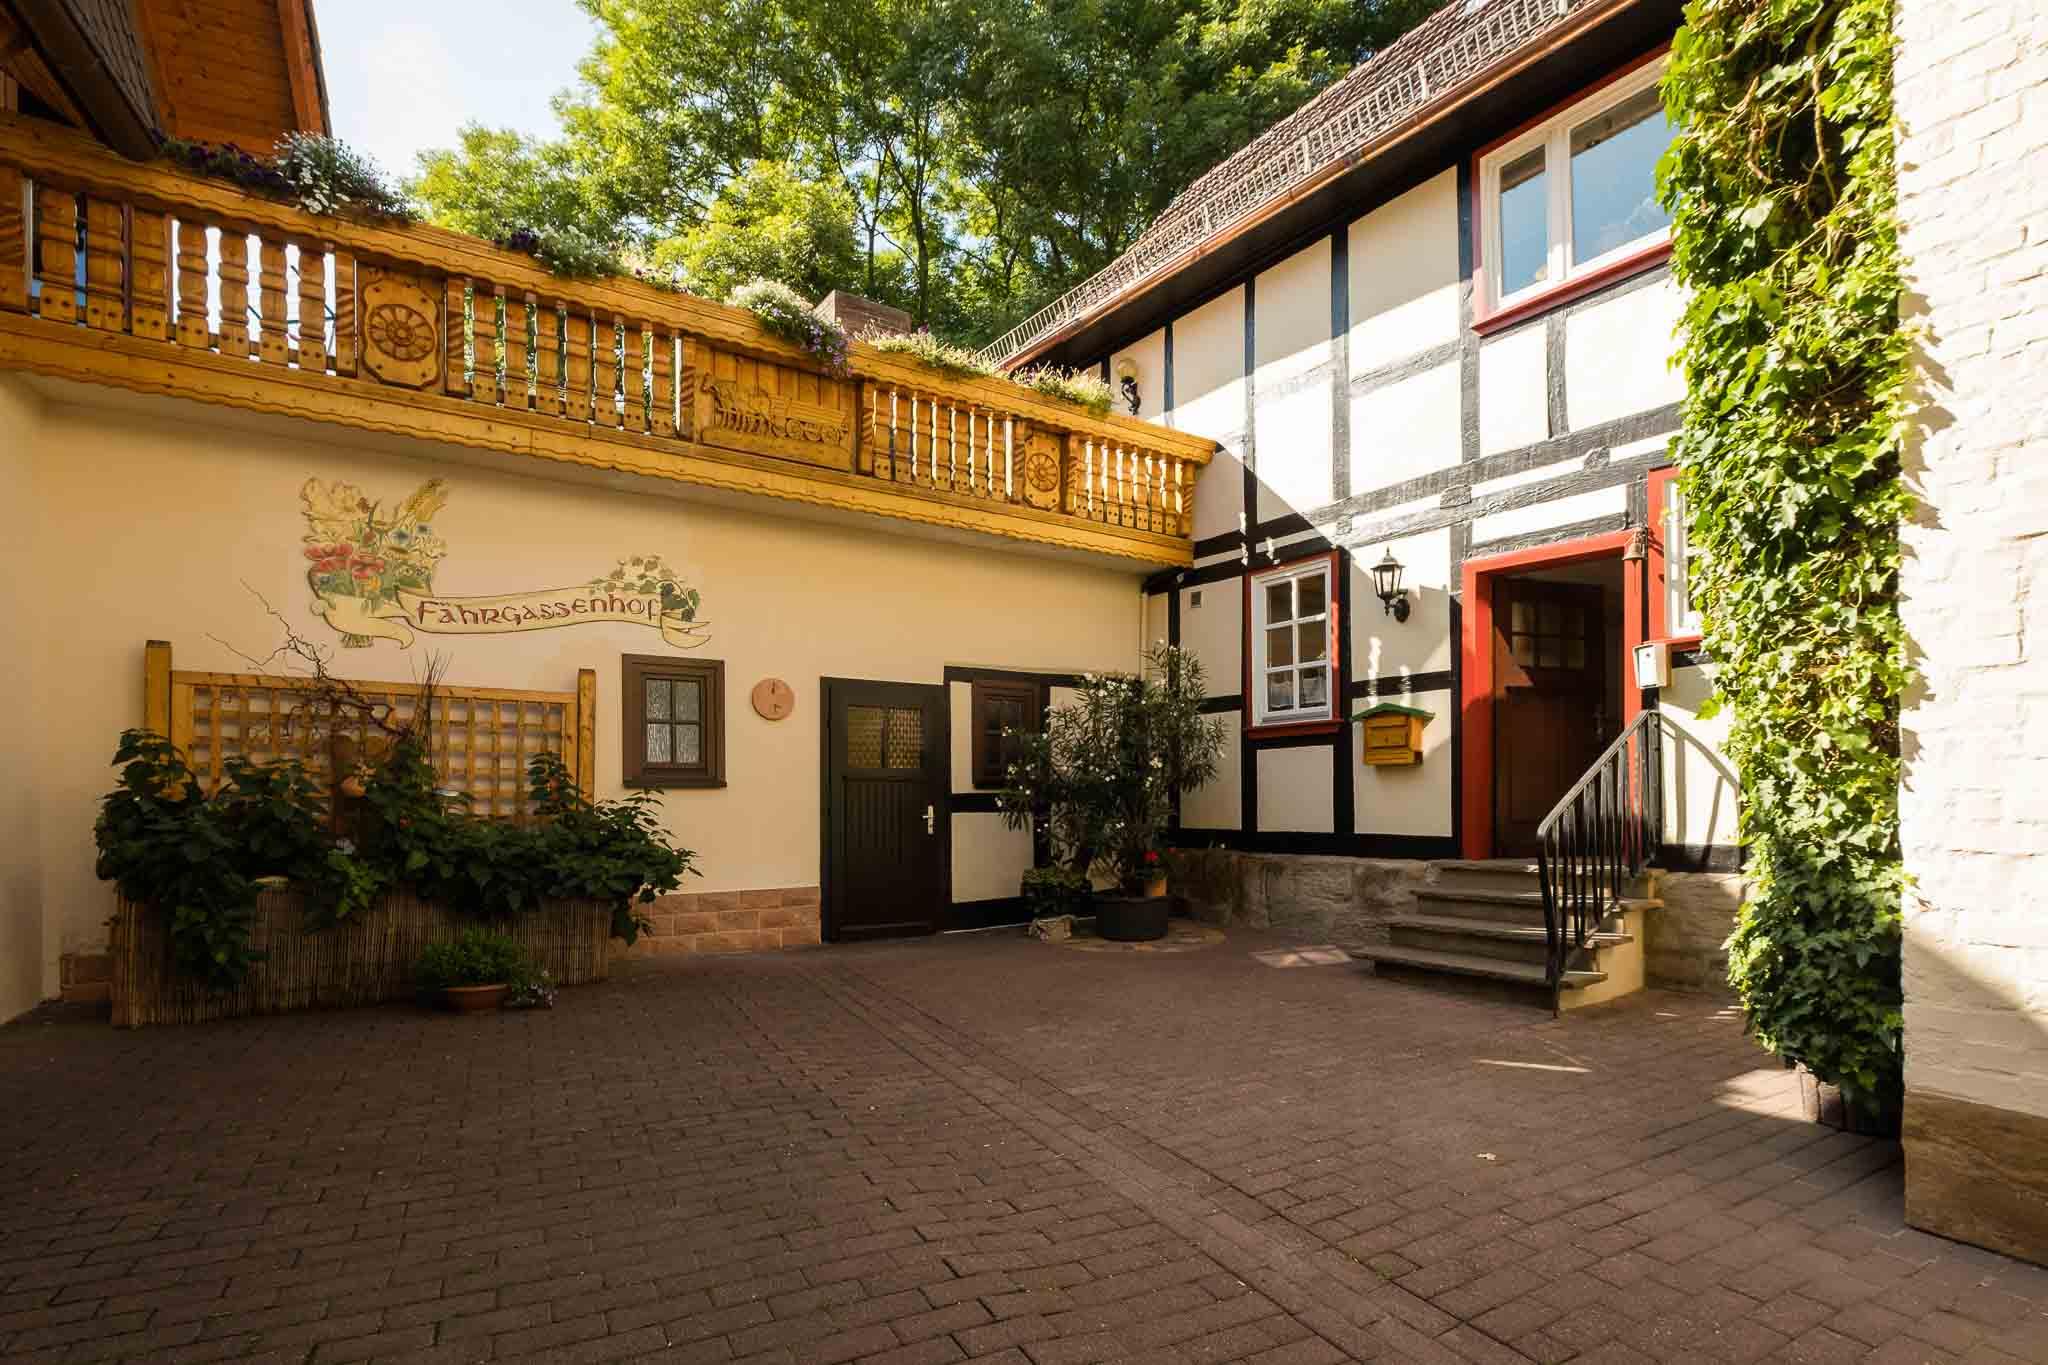 Webseite für Ferienwohnung in Bad Sooden-Allendorf / Kleinvach